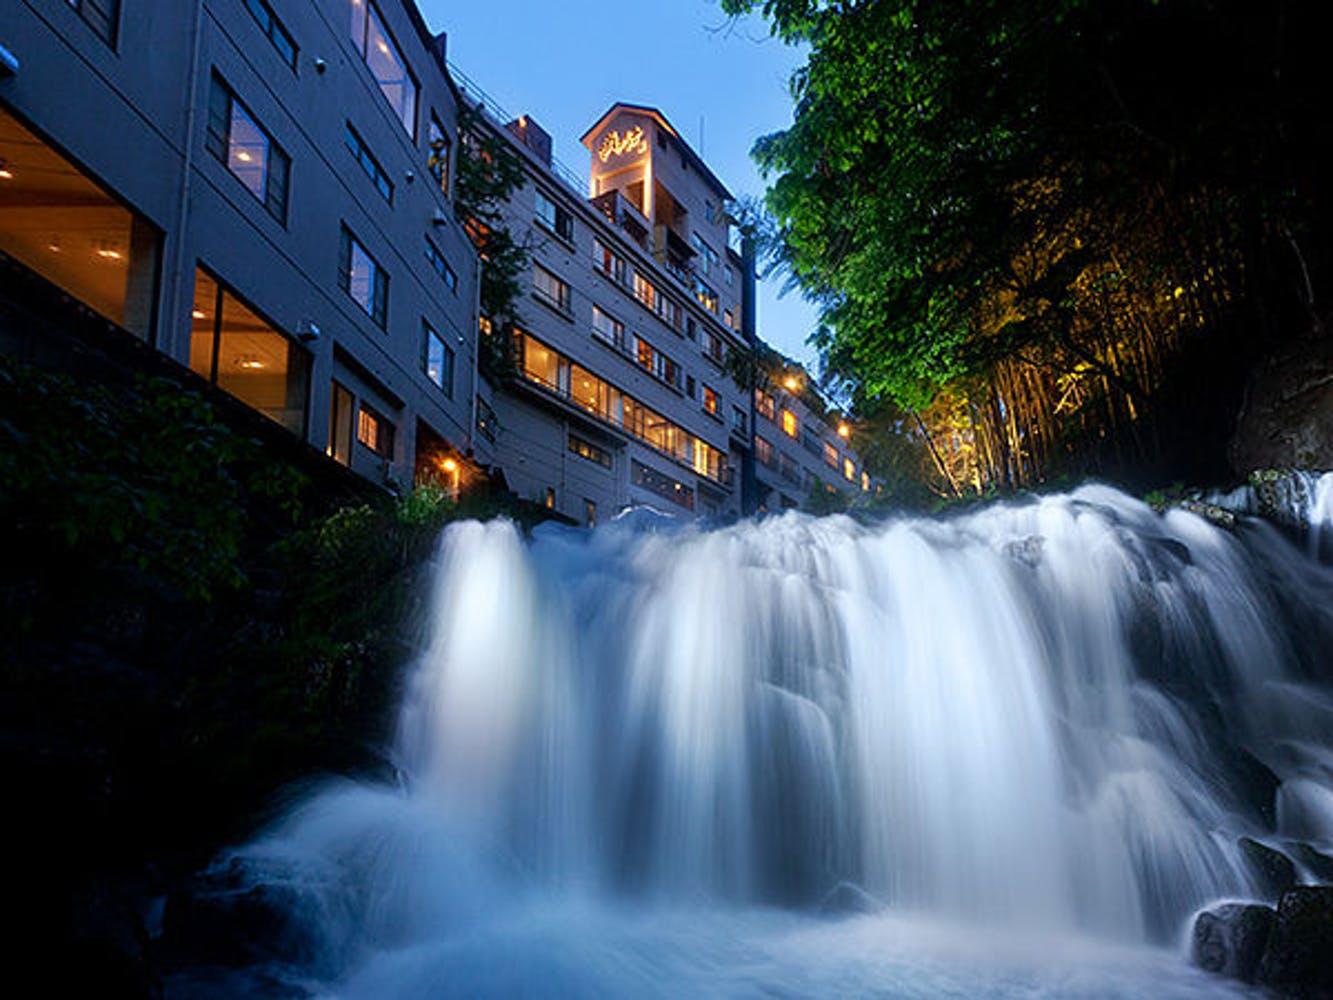 会津東山温泉 客室専用露天風呂付のスイートルーム はなれ 松島閣 写真1